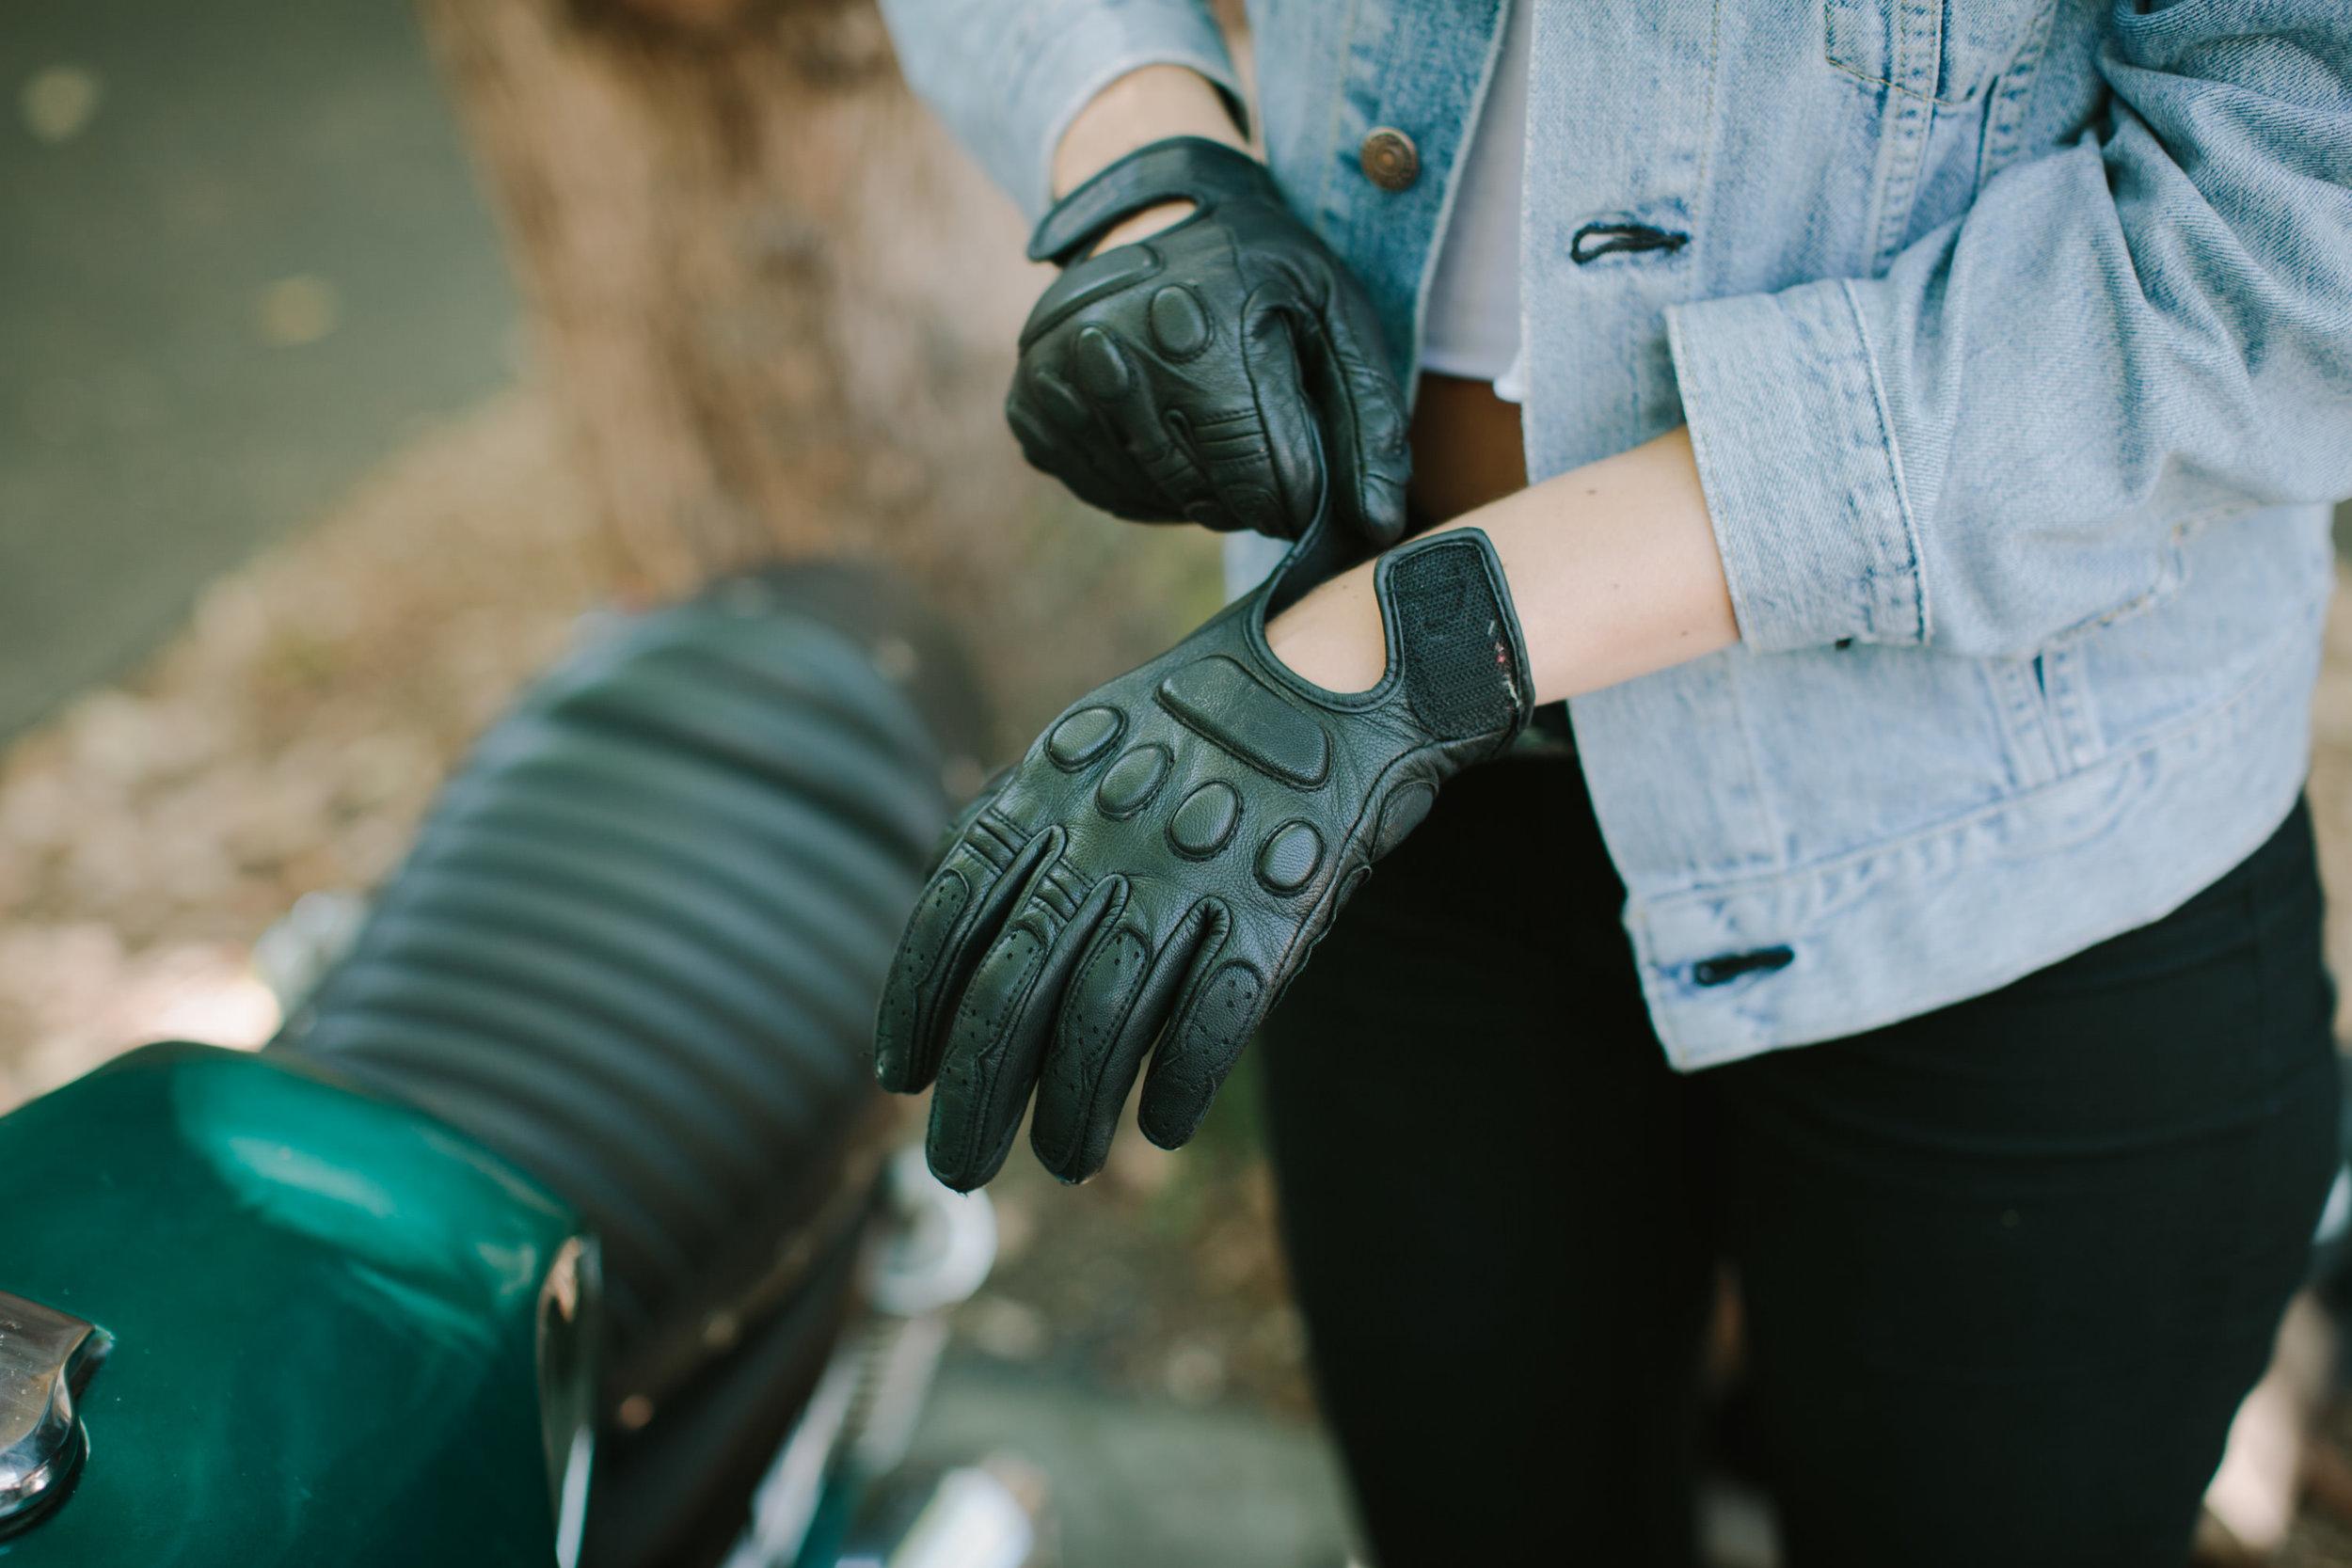 KateDisherQuill_IVV_Gloves_Petrolettes_17.jpg